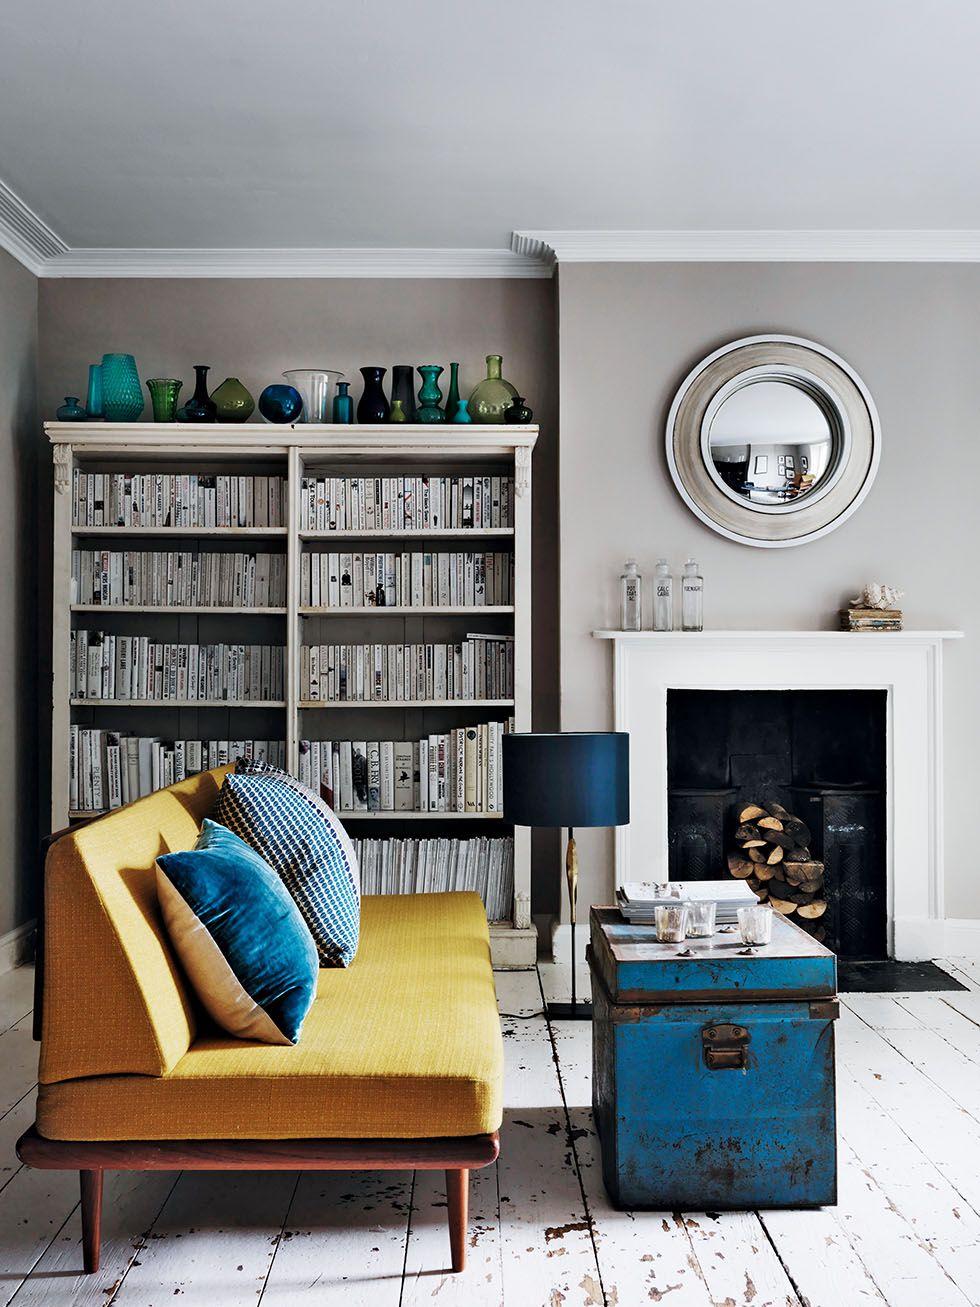 Obývák se žlutou pohovkou